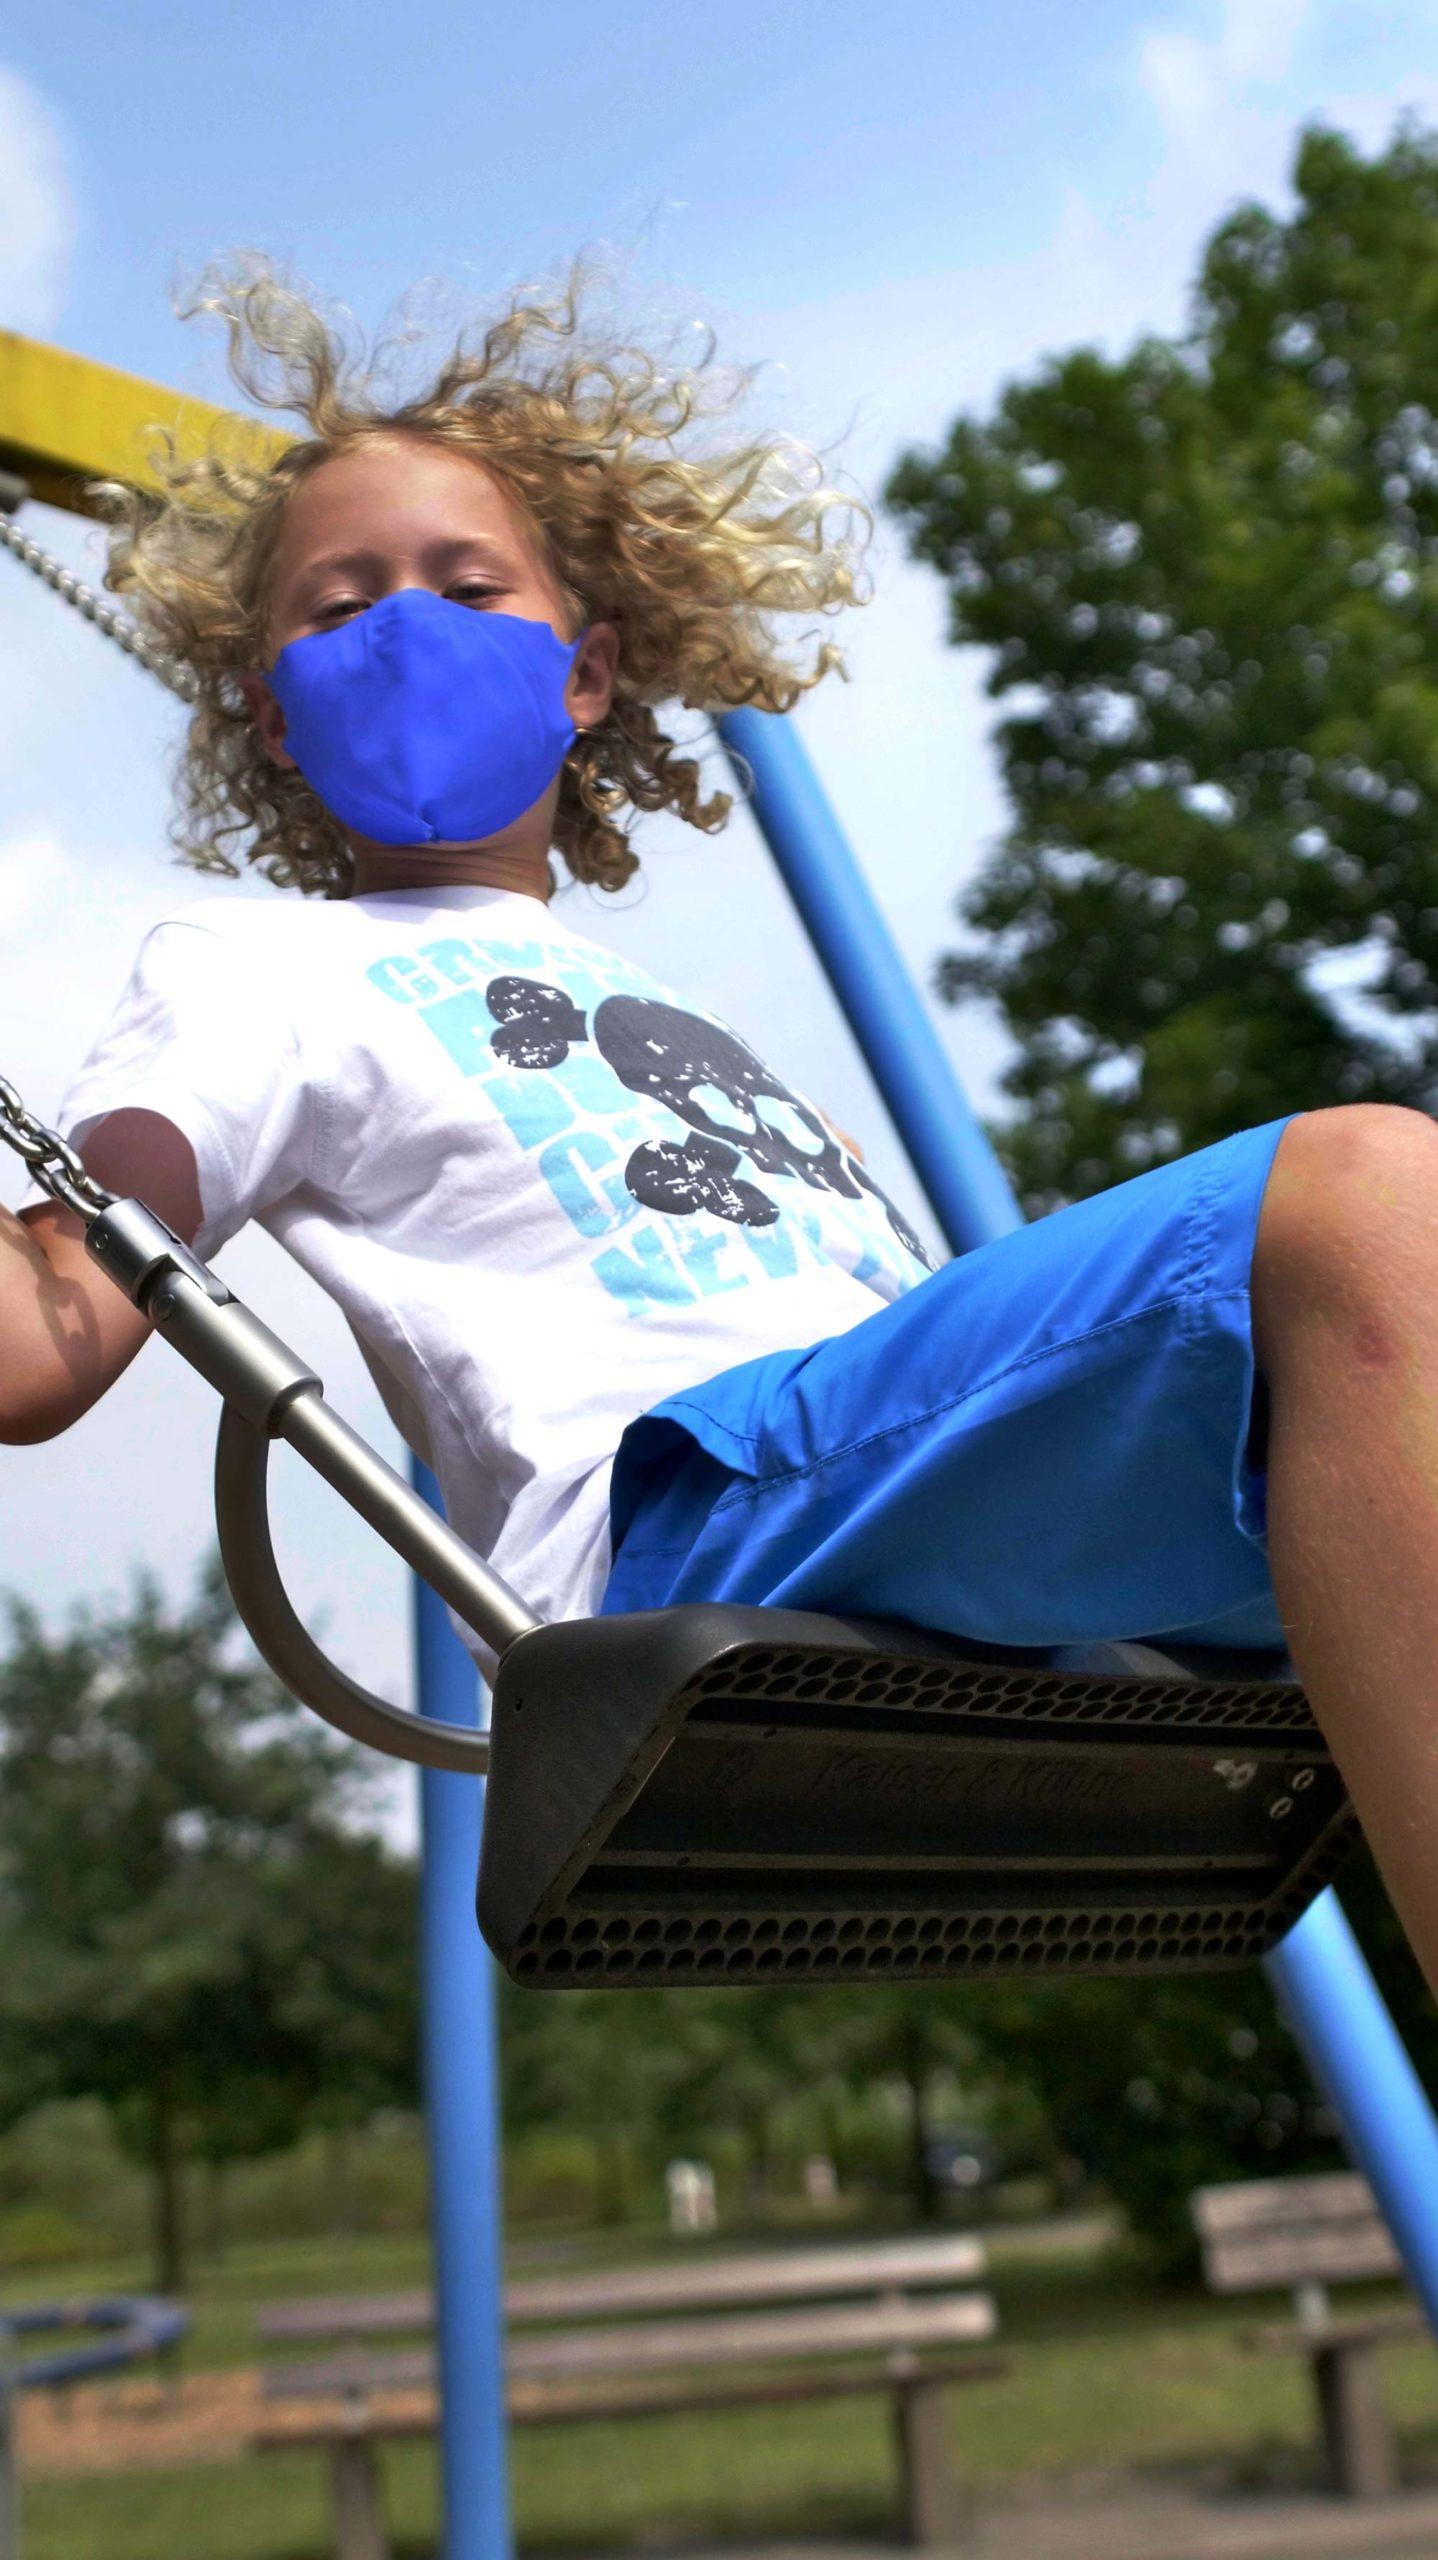 Deman Europe Bielefeld - Schutzmasken FFP2 Corona Schutz Nasen und Mundschutz Online Shop